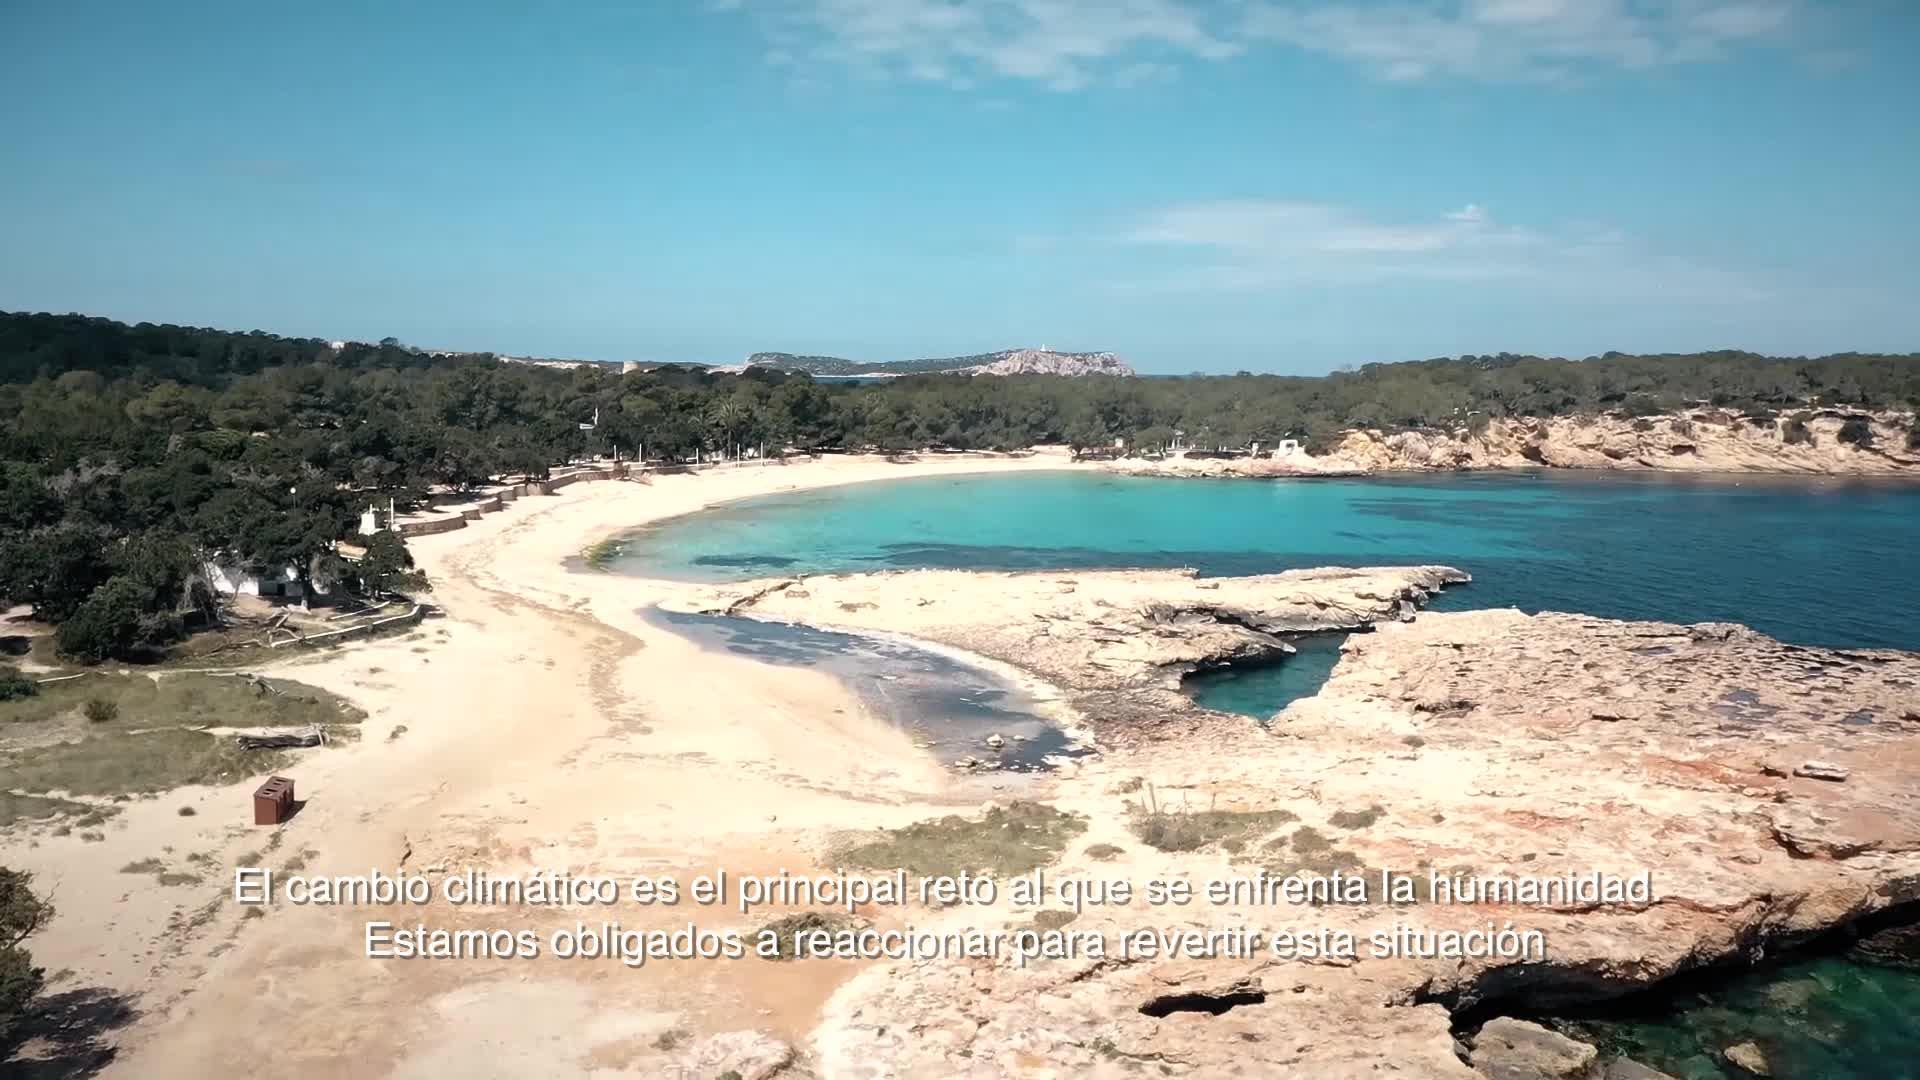 Ibiza retoma la hoja de ruta para la transición energética